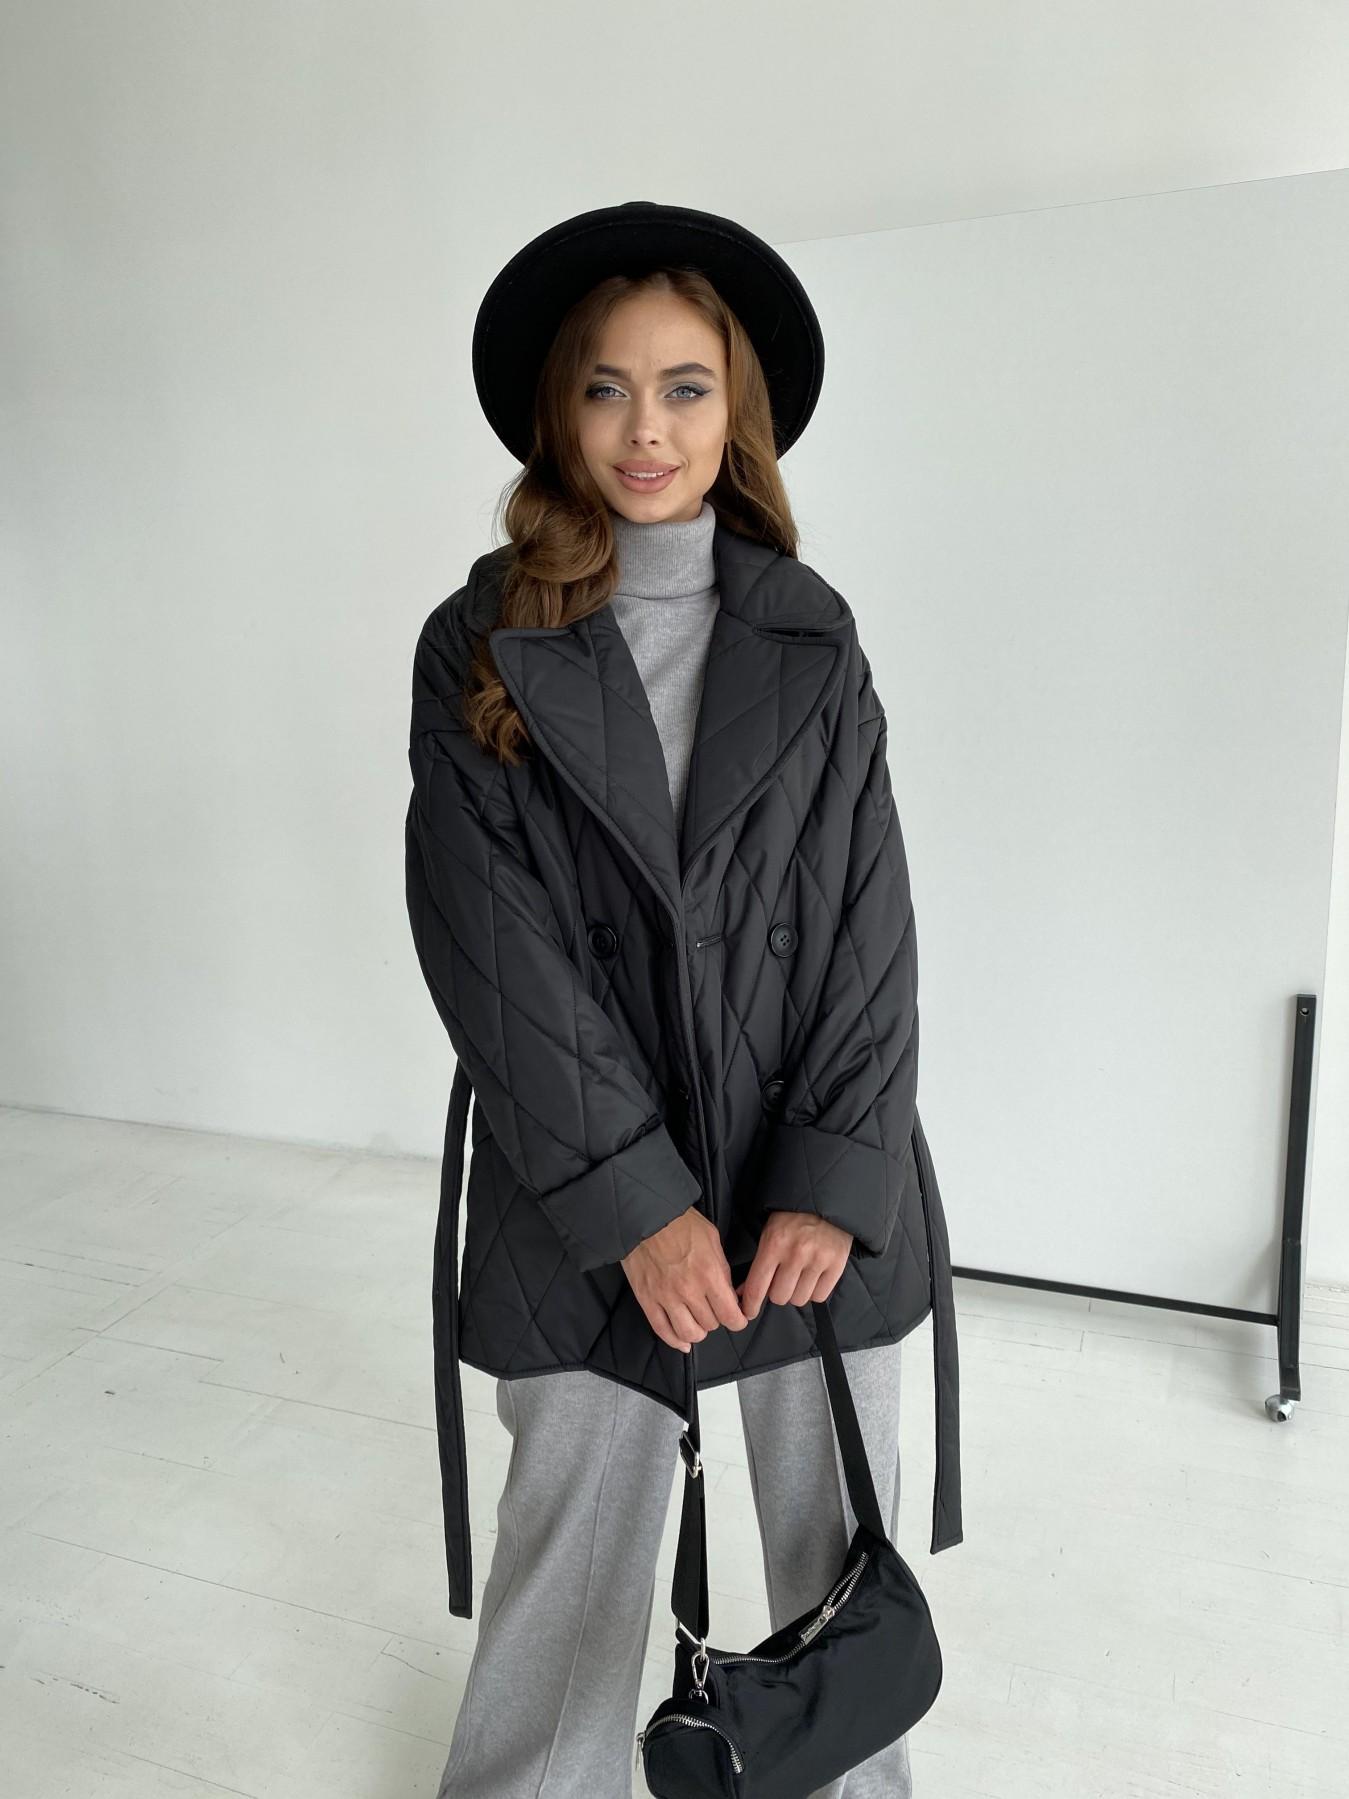 Норд стеганая куртка из плащеки 11770  АРТ. 48512 Цвет: Черный - фото 7, интернет магазин tm-modus.ru